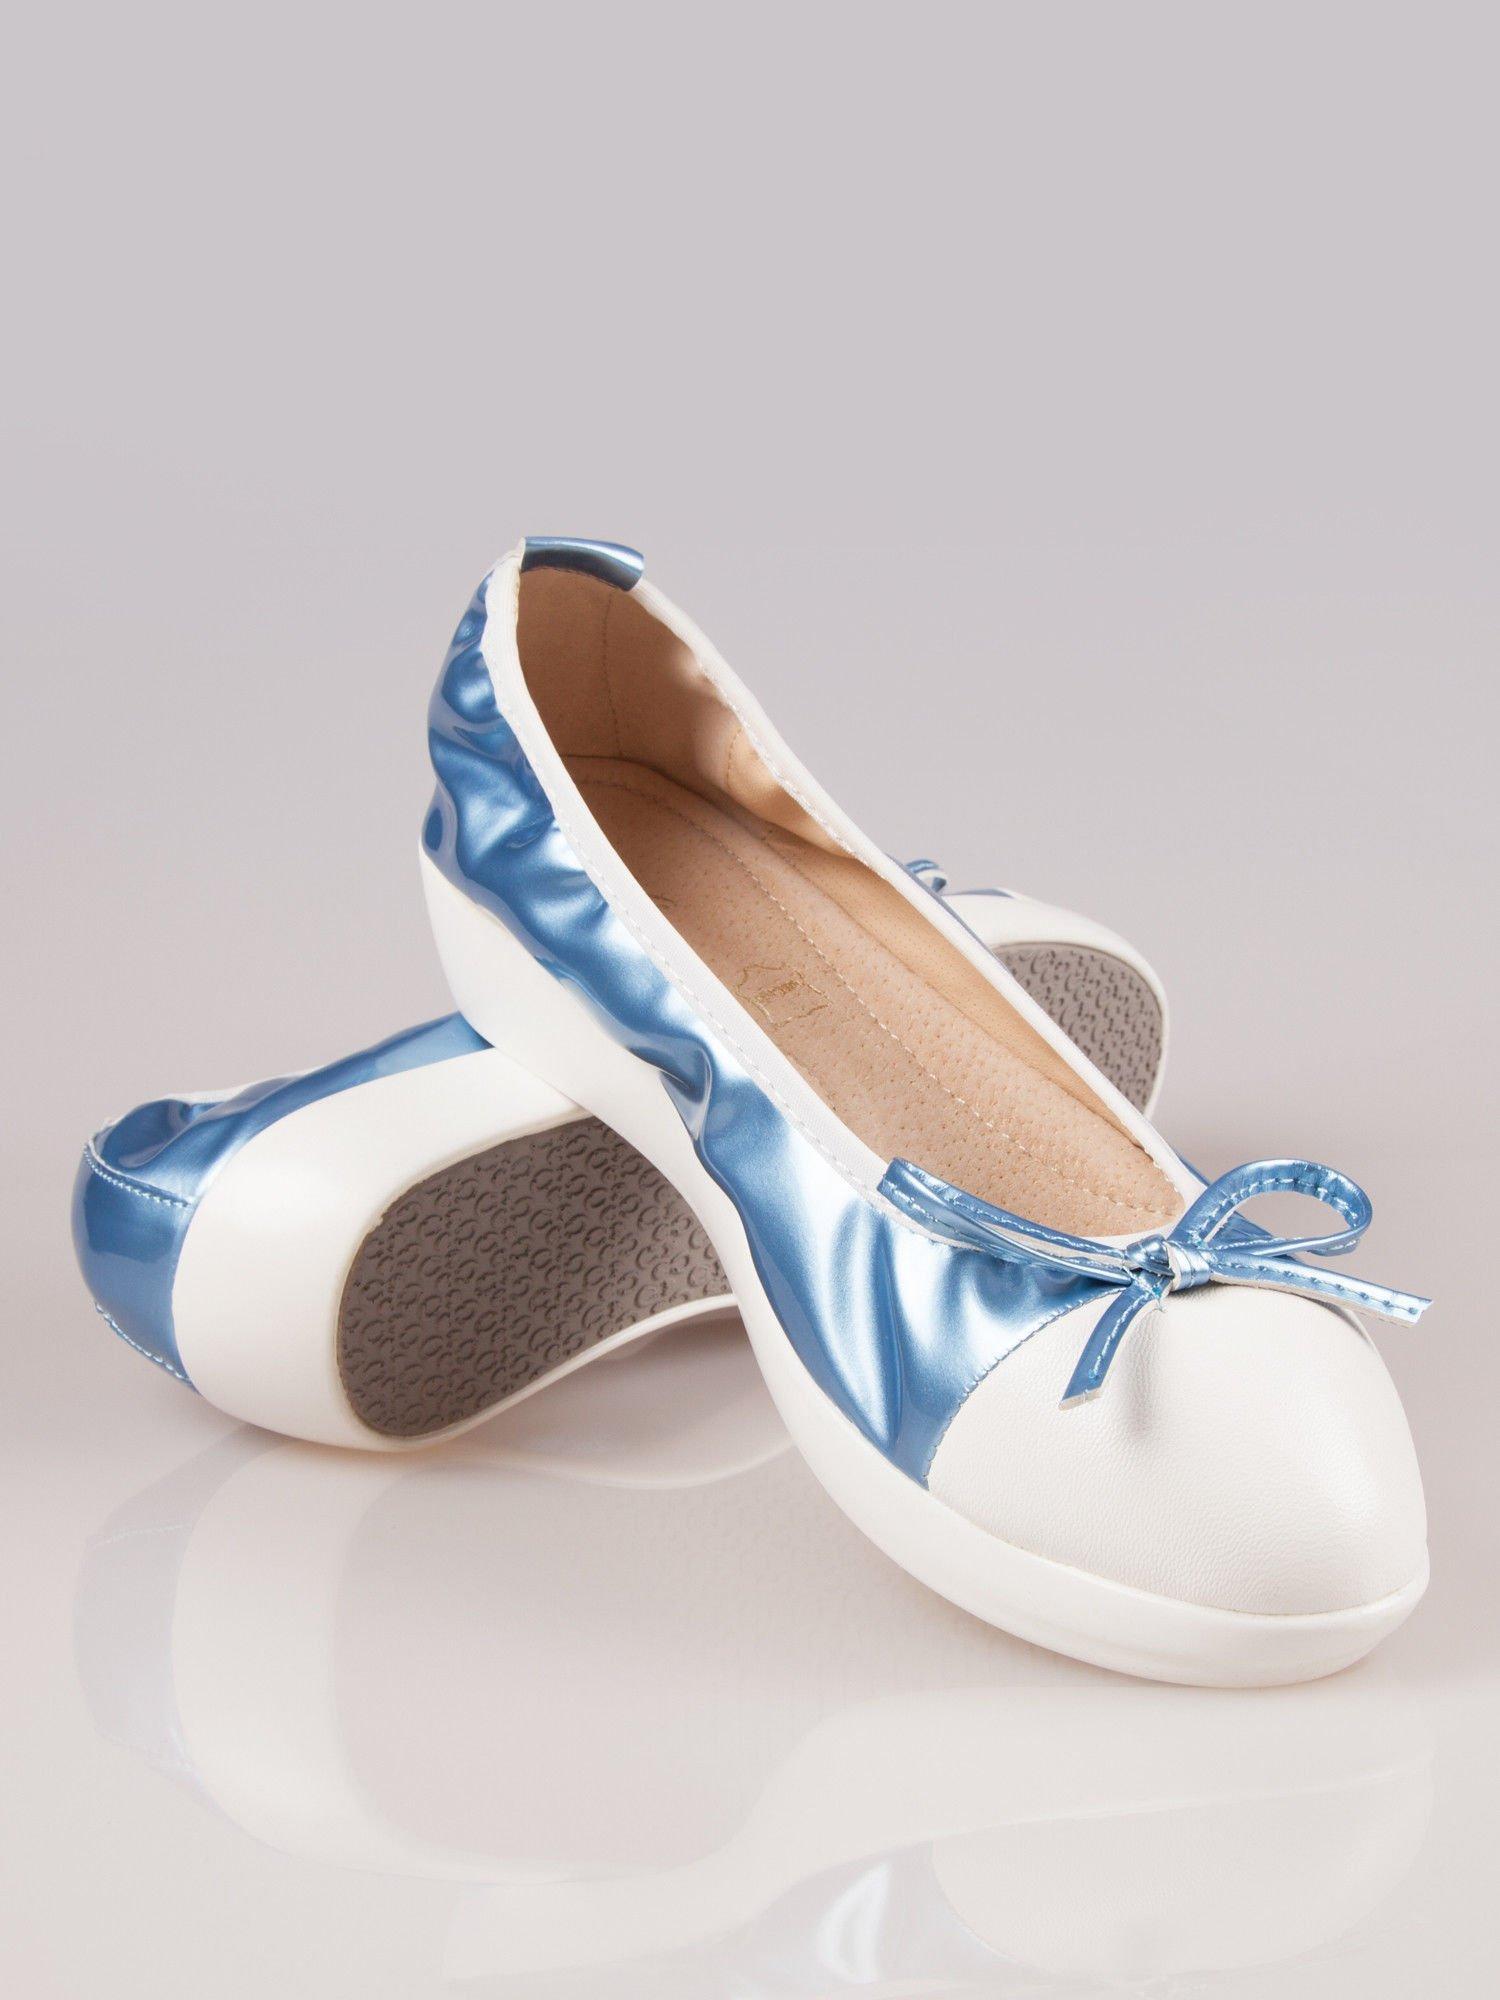 Jasnoniebieskie lakierowane baleriny Natty z białym noskiem na grubej podeszwie                                  zdj.                                  2